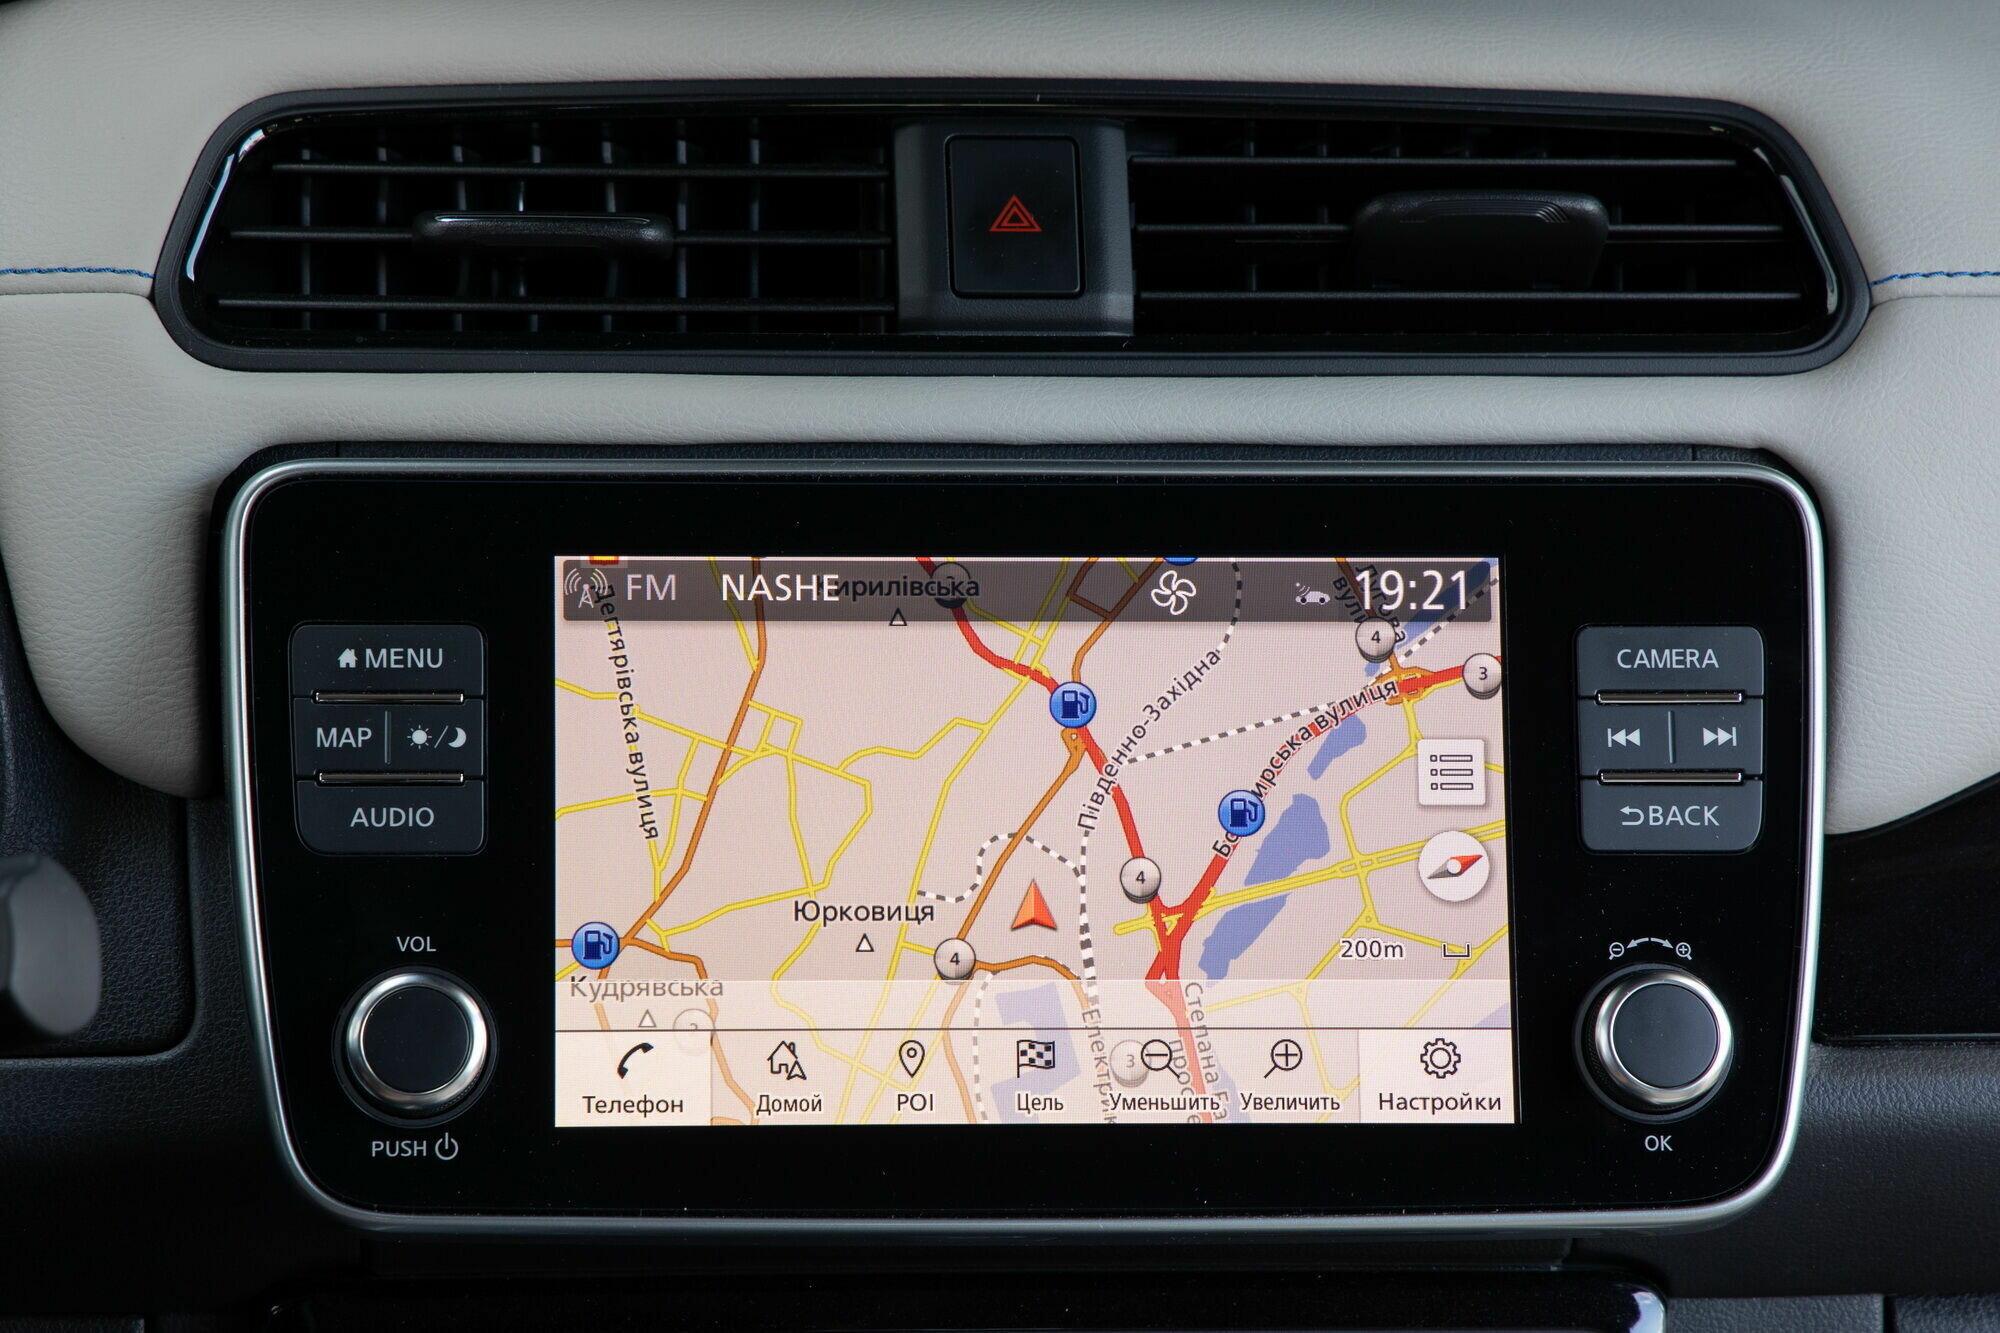 Мультимедийная система NissanConnect имеет 8-дюймовый сенсорный экран